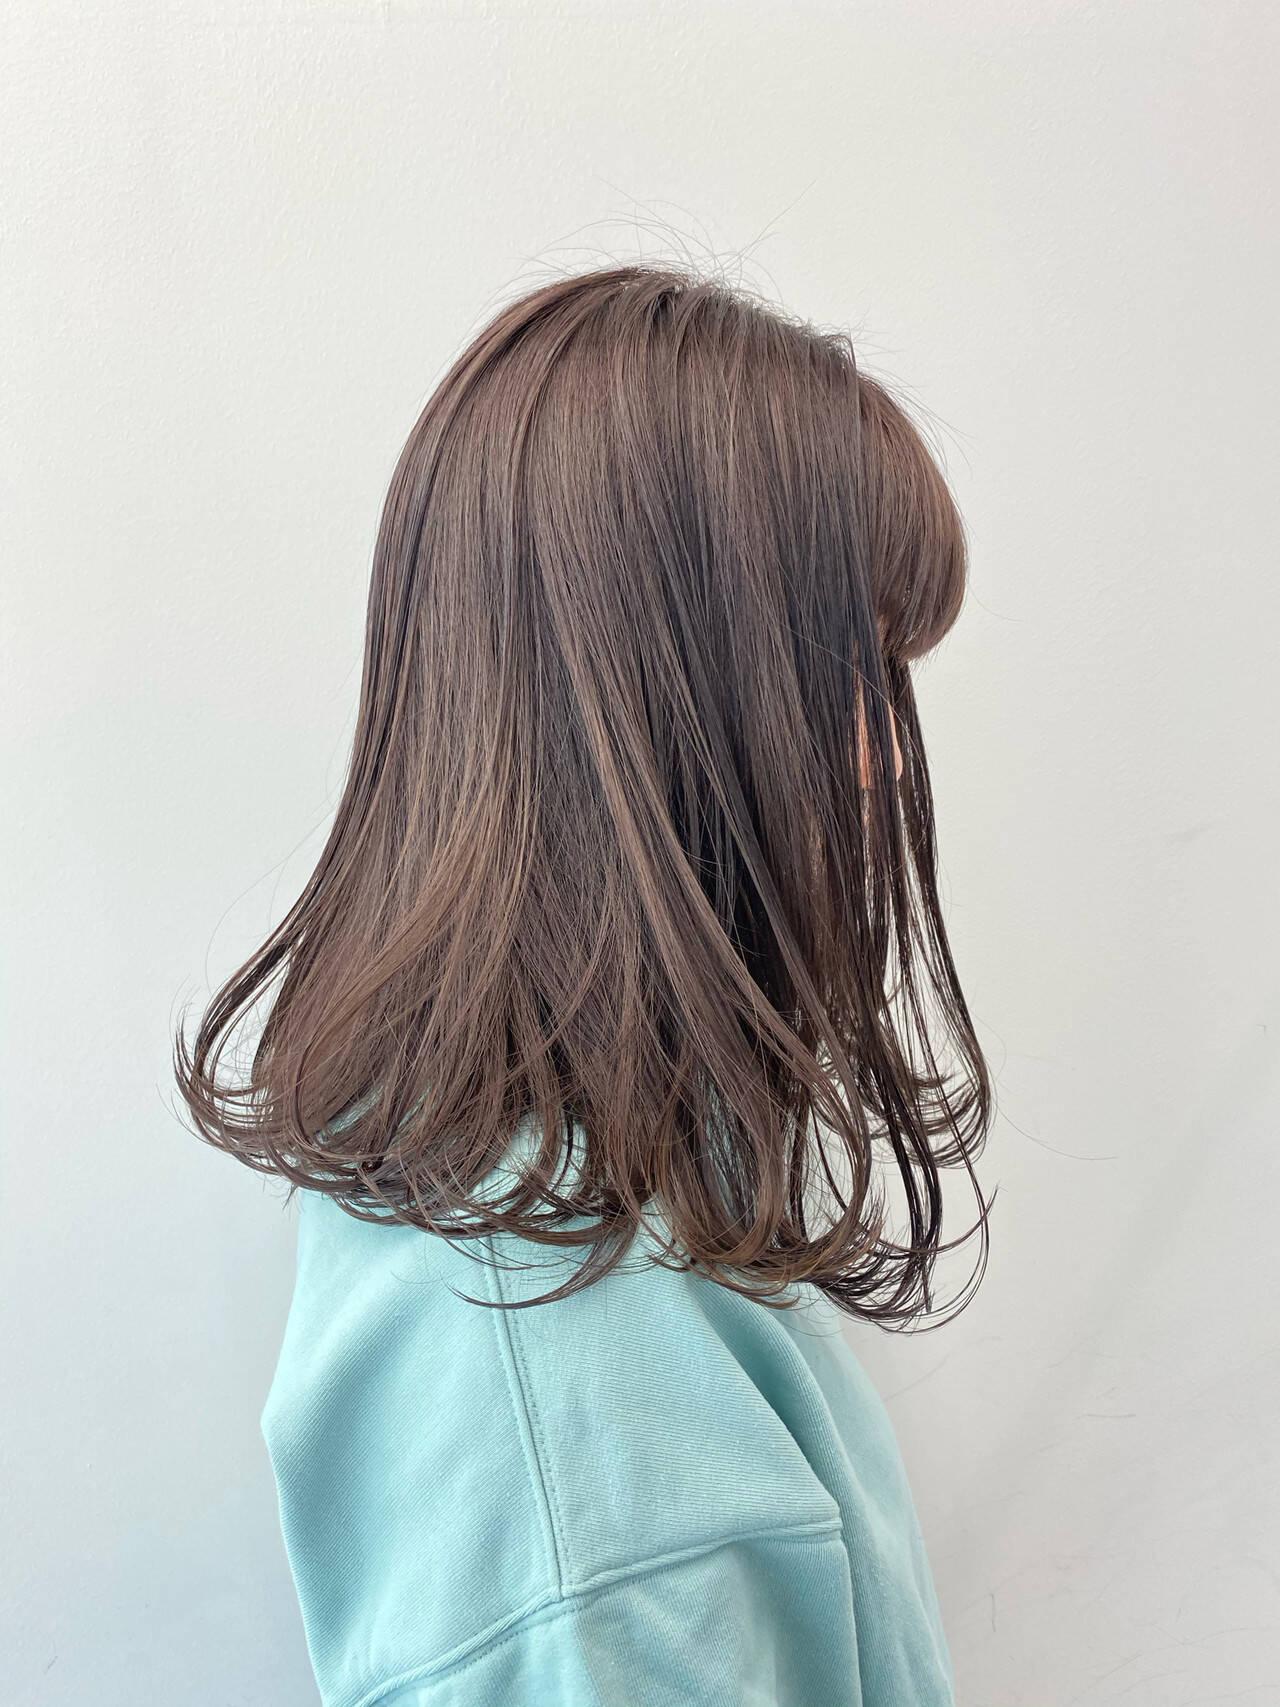 ラベンダーアッシュ デート フェミニン ラベンダーカラーヘアスタイルや髪型の写真・画像